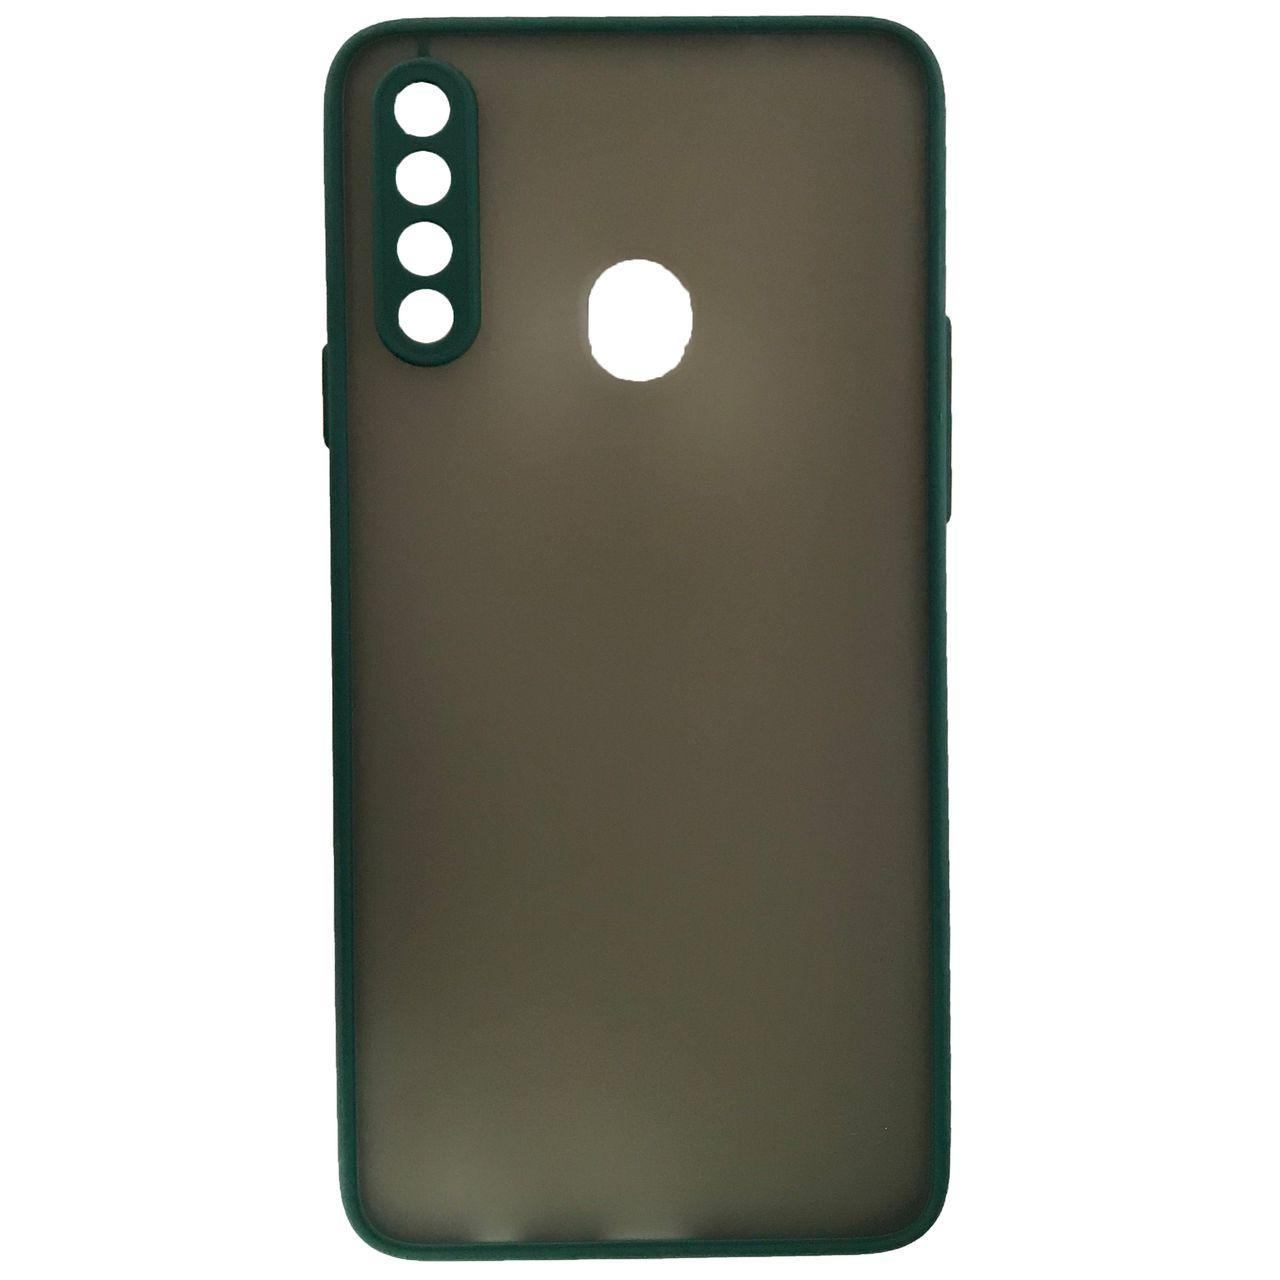 کاور مدل PM-A20s مناسب برای گوشی موبایل سامسونگ Galaxy A20s